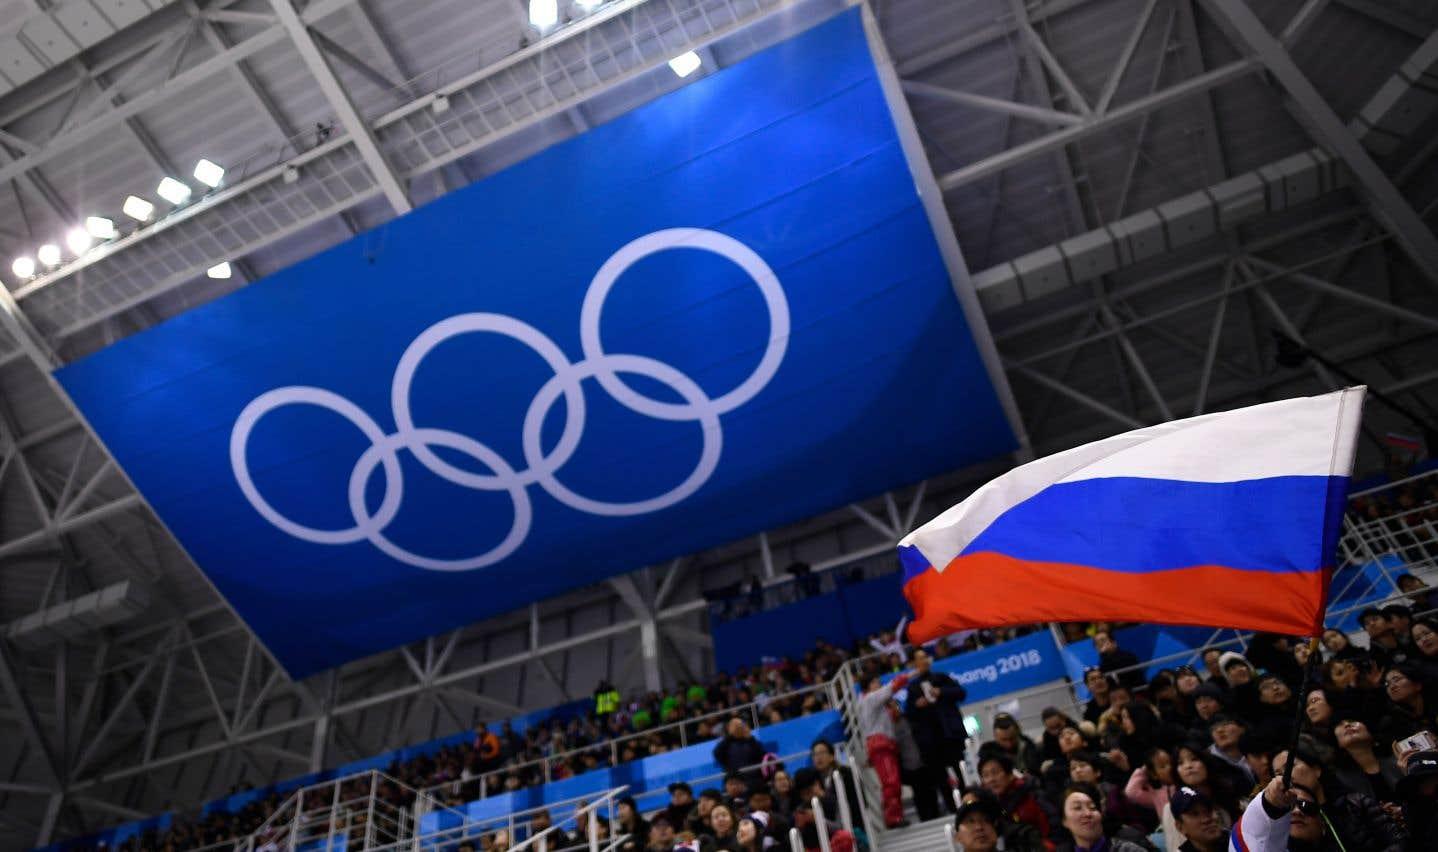 Un spectateur agite un drapeau russe, durant une partie de hockey.